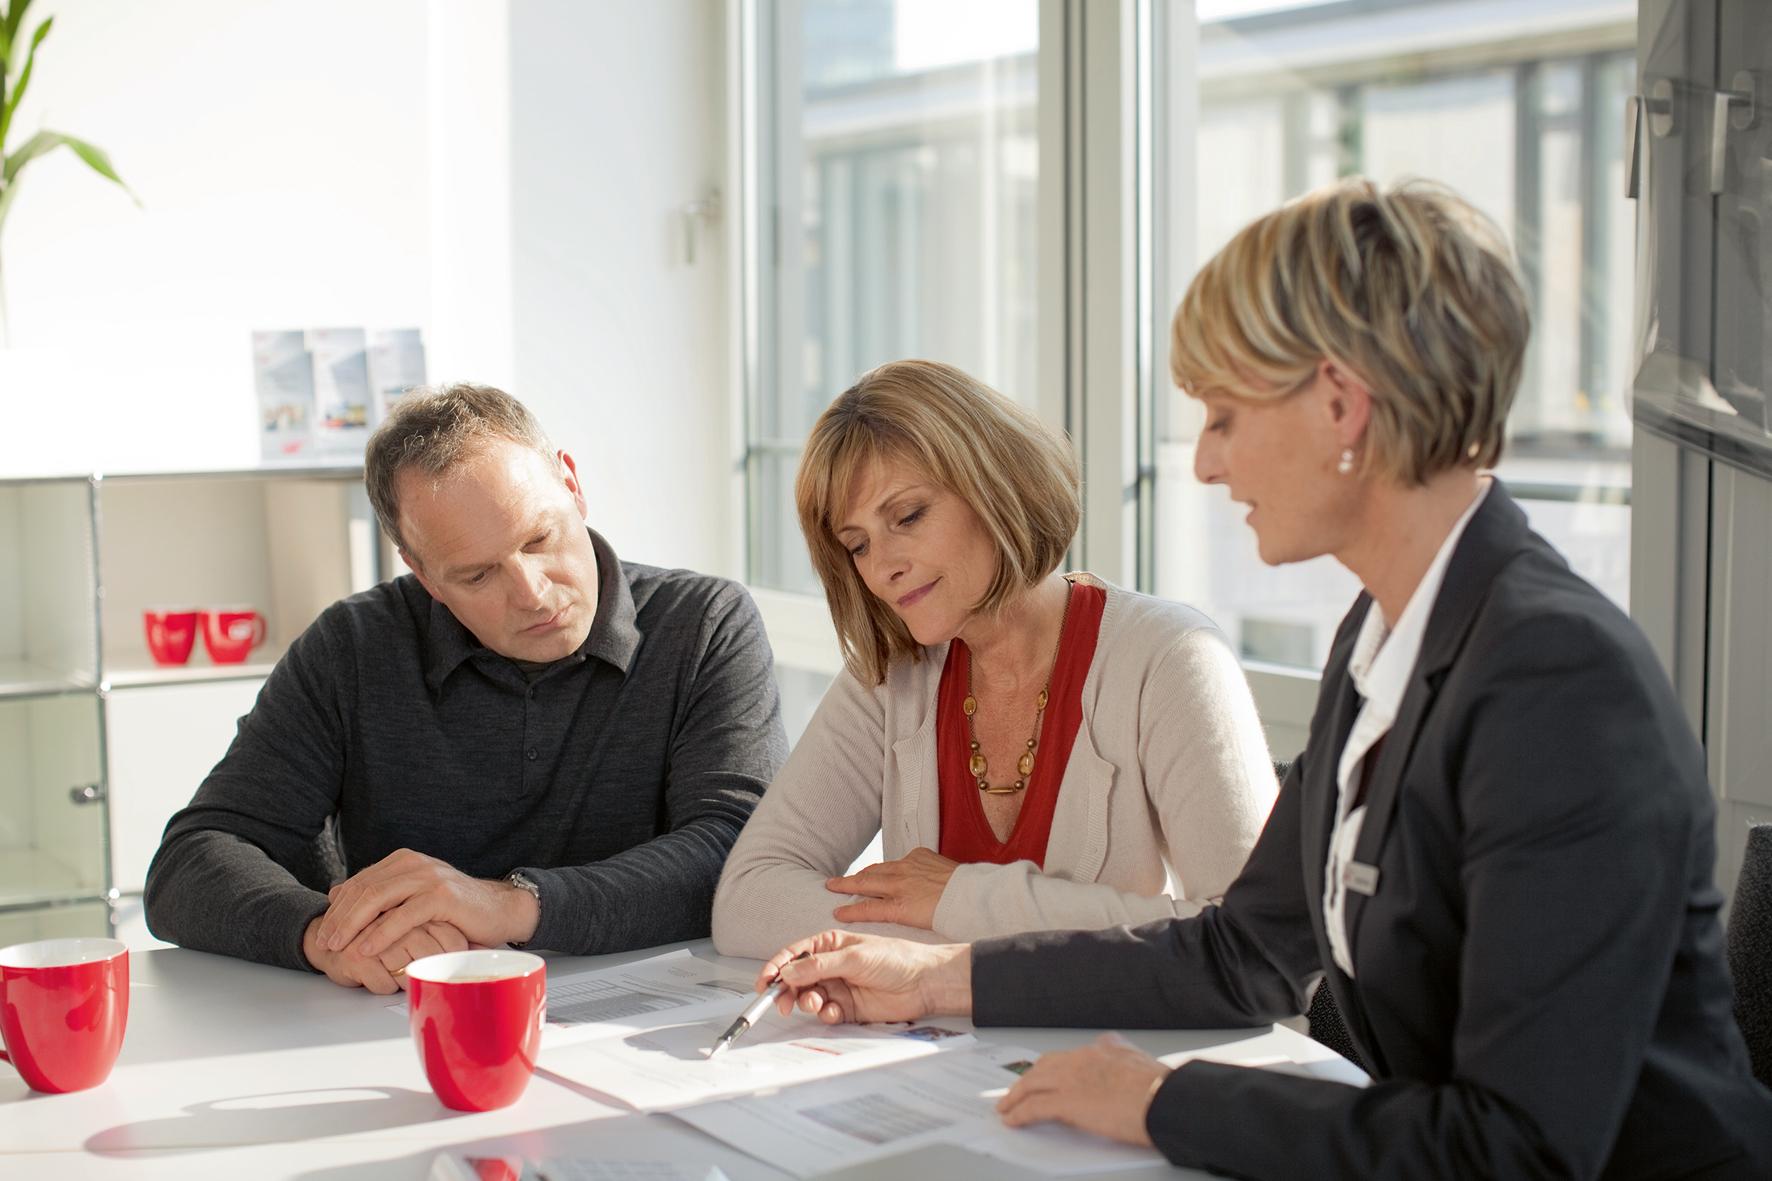 Der beste Weg zur passenden Immobilie führt über eine gute Beratung. Unsere Baufinanzierungsexperten helfen in allen Phasen der Planung